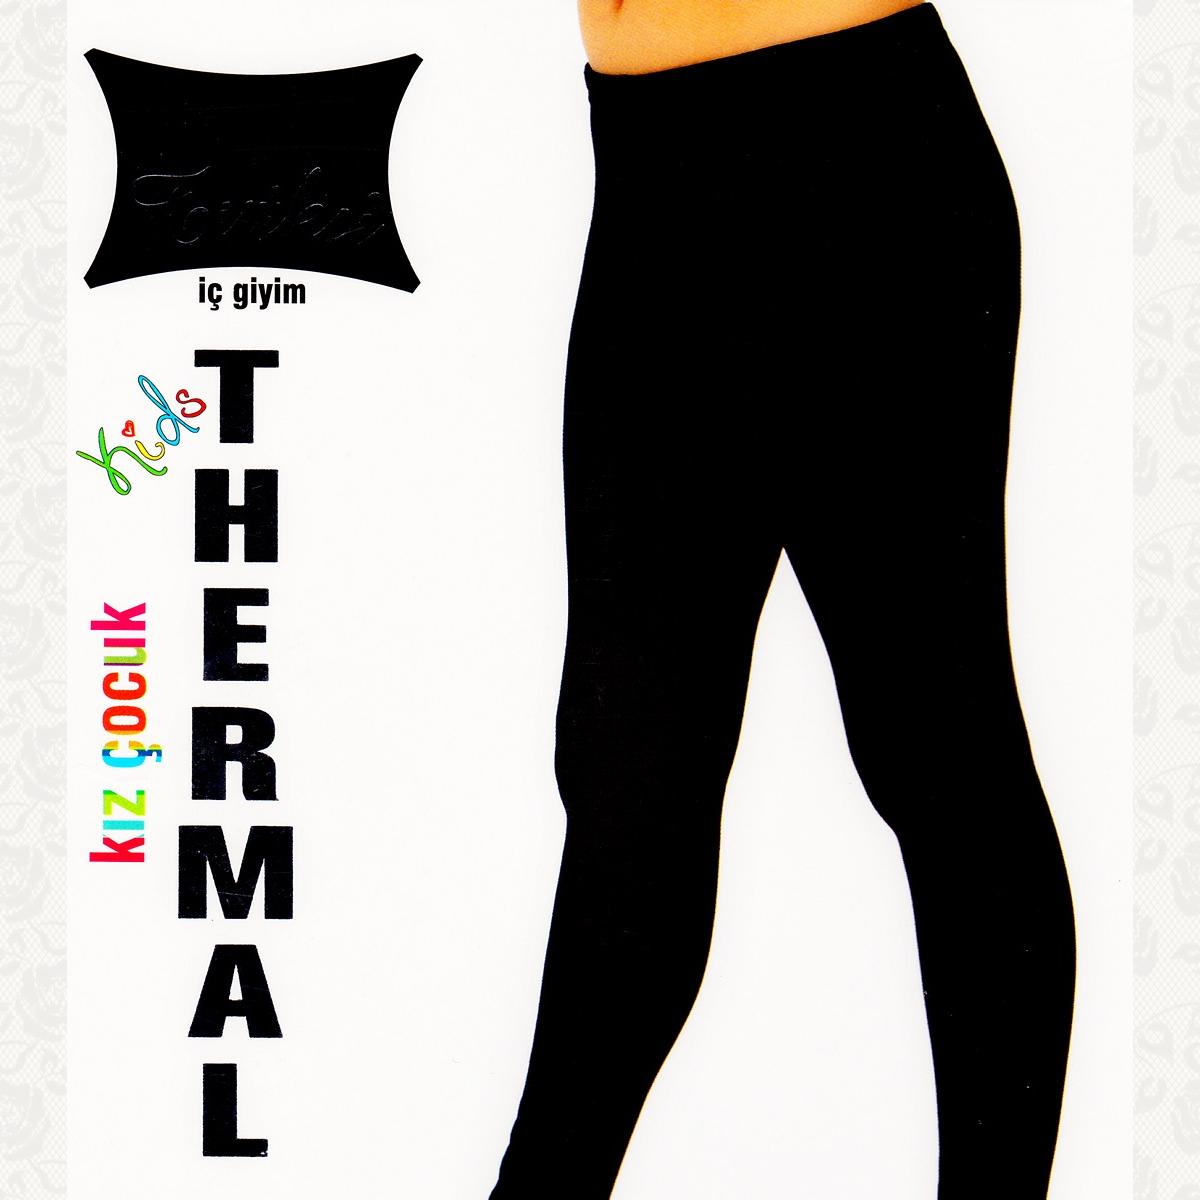 Термолосины для девочки, цвет черный с фото, 2 шт.